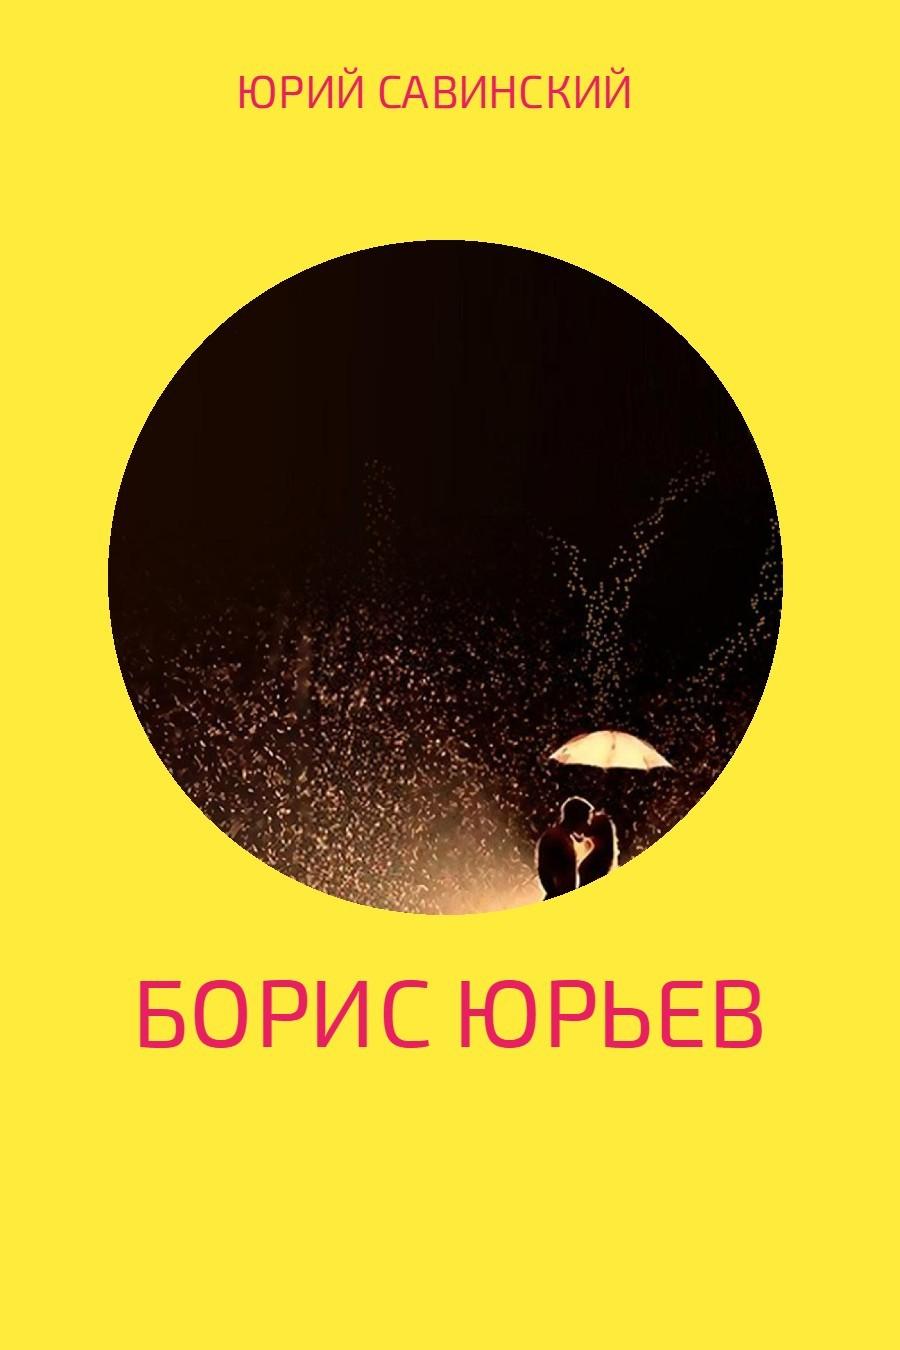 Борис Юрьев